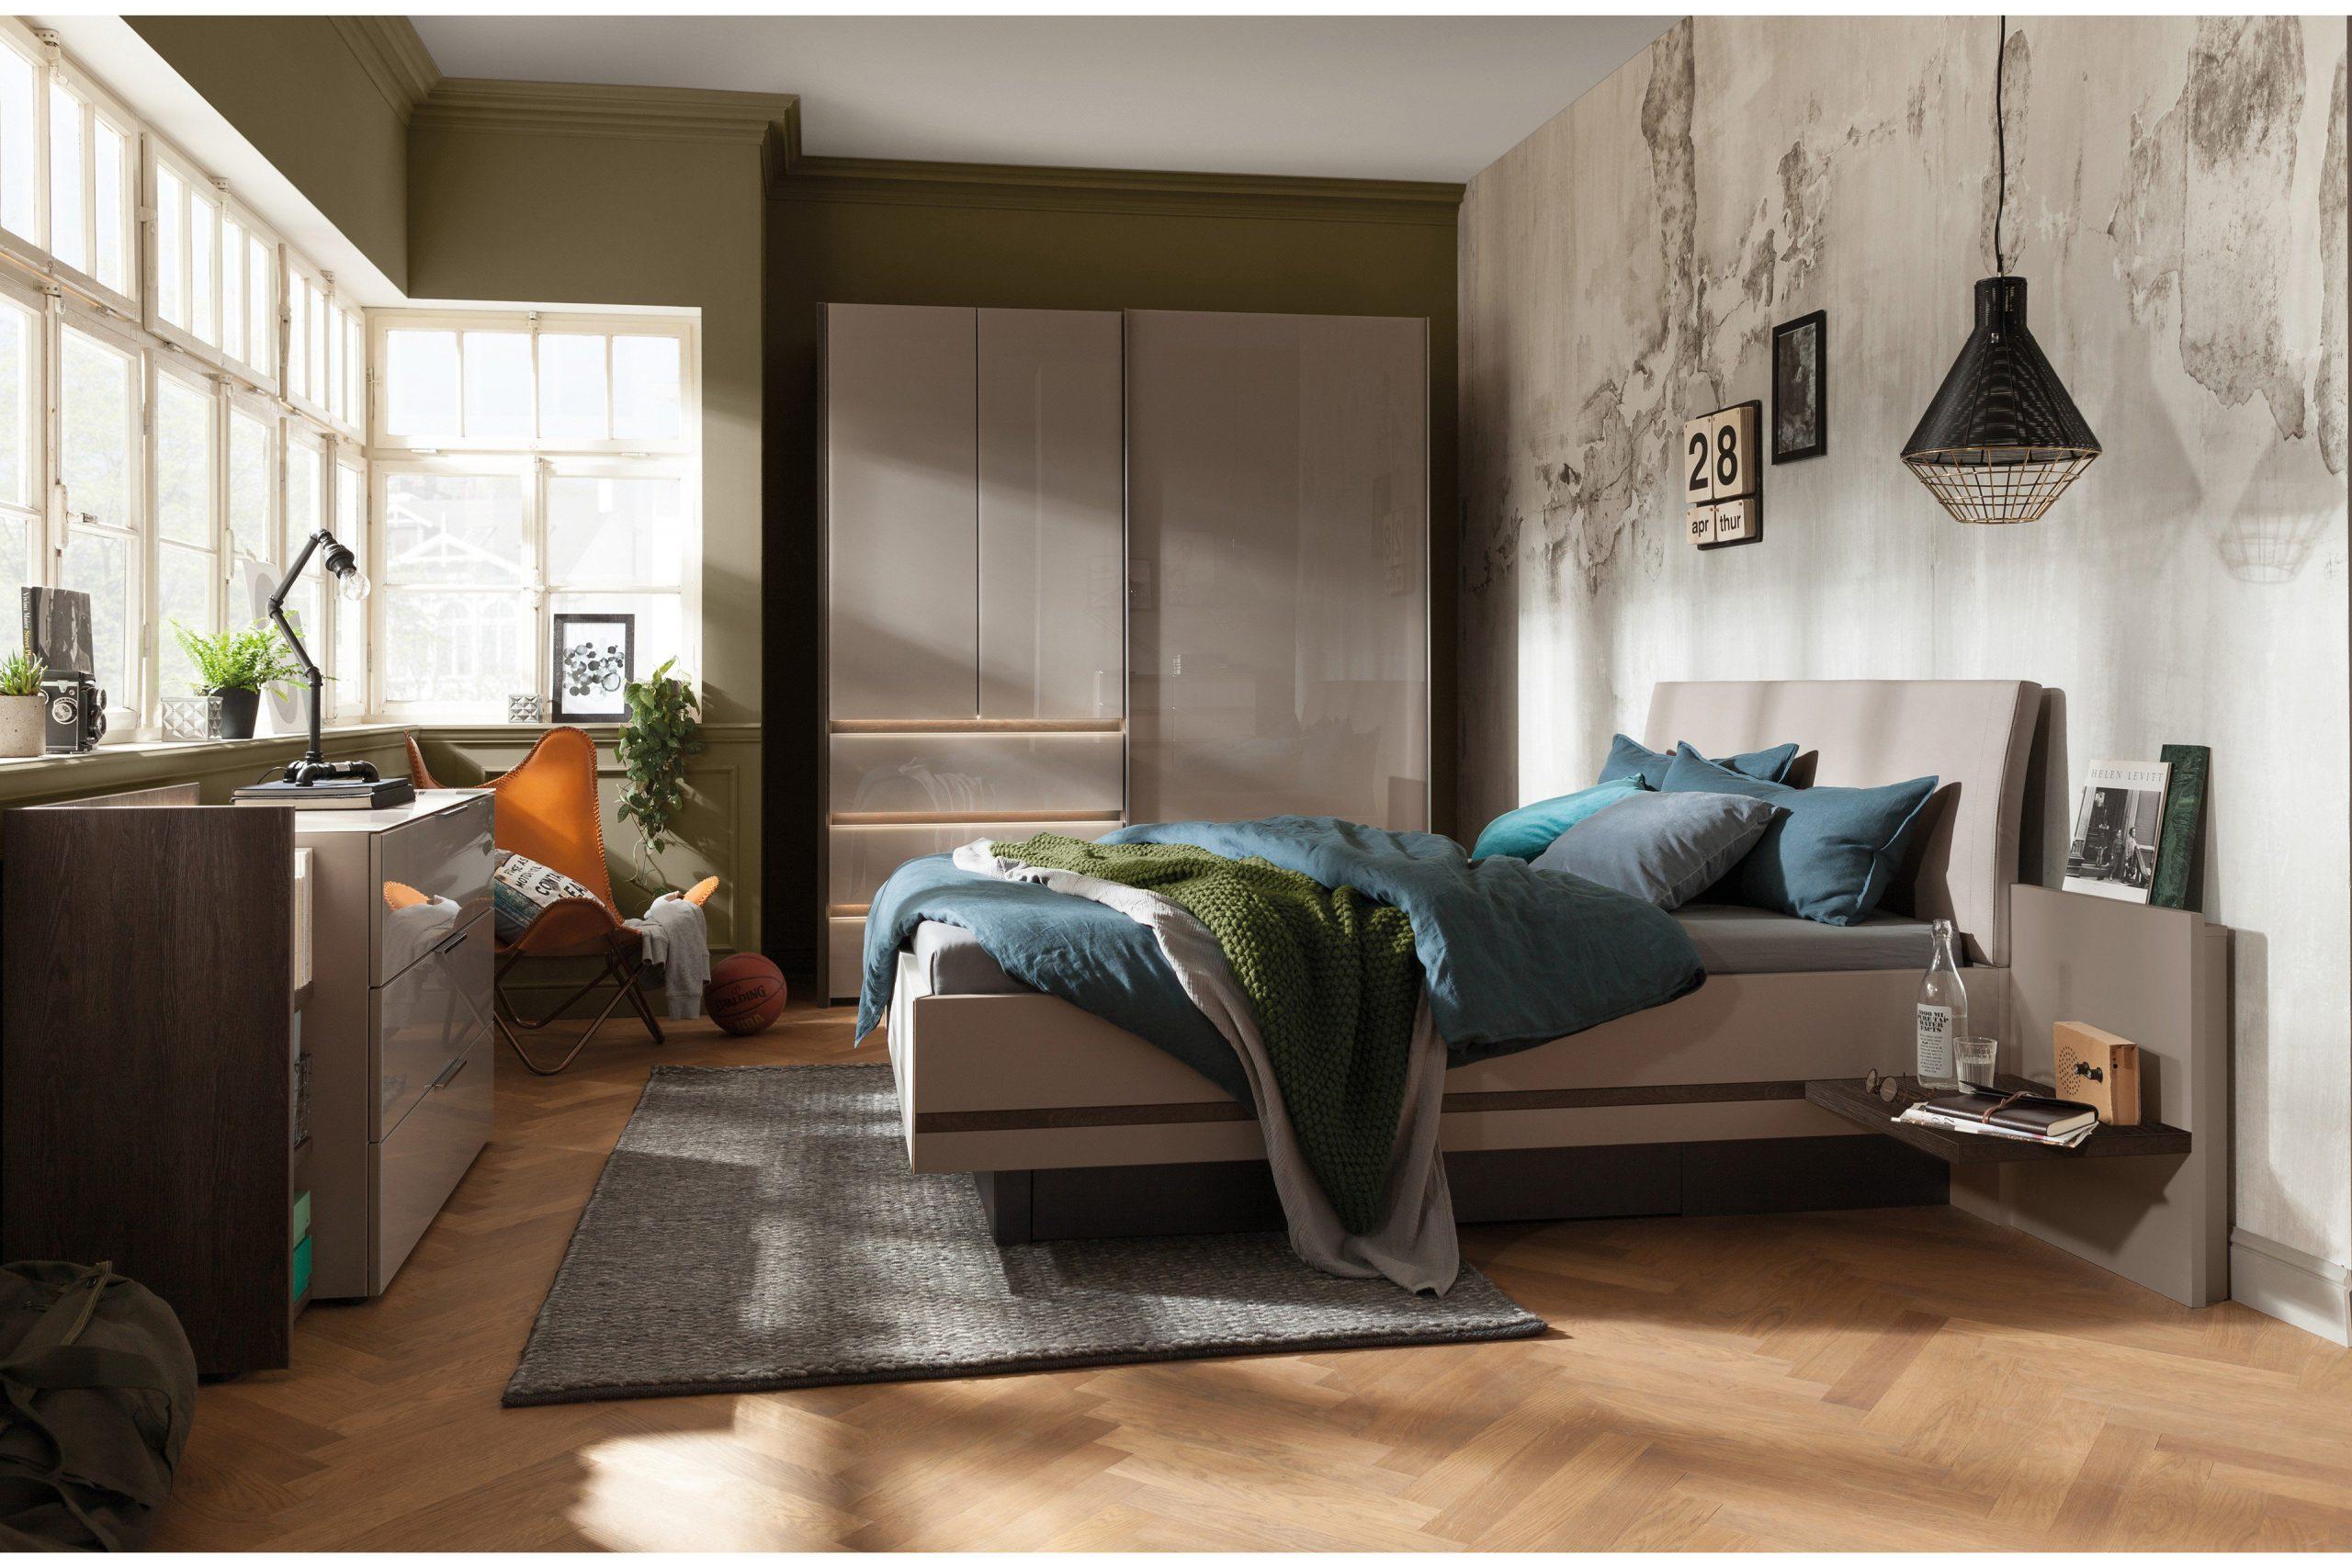 Full Size of Nolte Schlafzimmer Concept Me Terra Fango Mbel Letz Ihr Komplett Massivholz Kommode Schranksysteme Led Deckenleuchte Deckenlampe Klimagerät Für Truhe Schlafzimmer Nolte Schlafzimmer